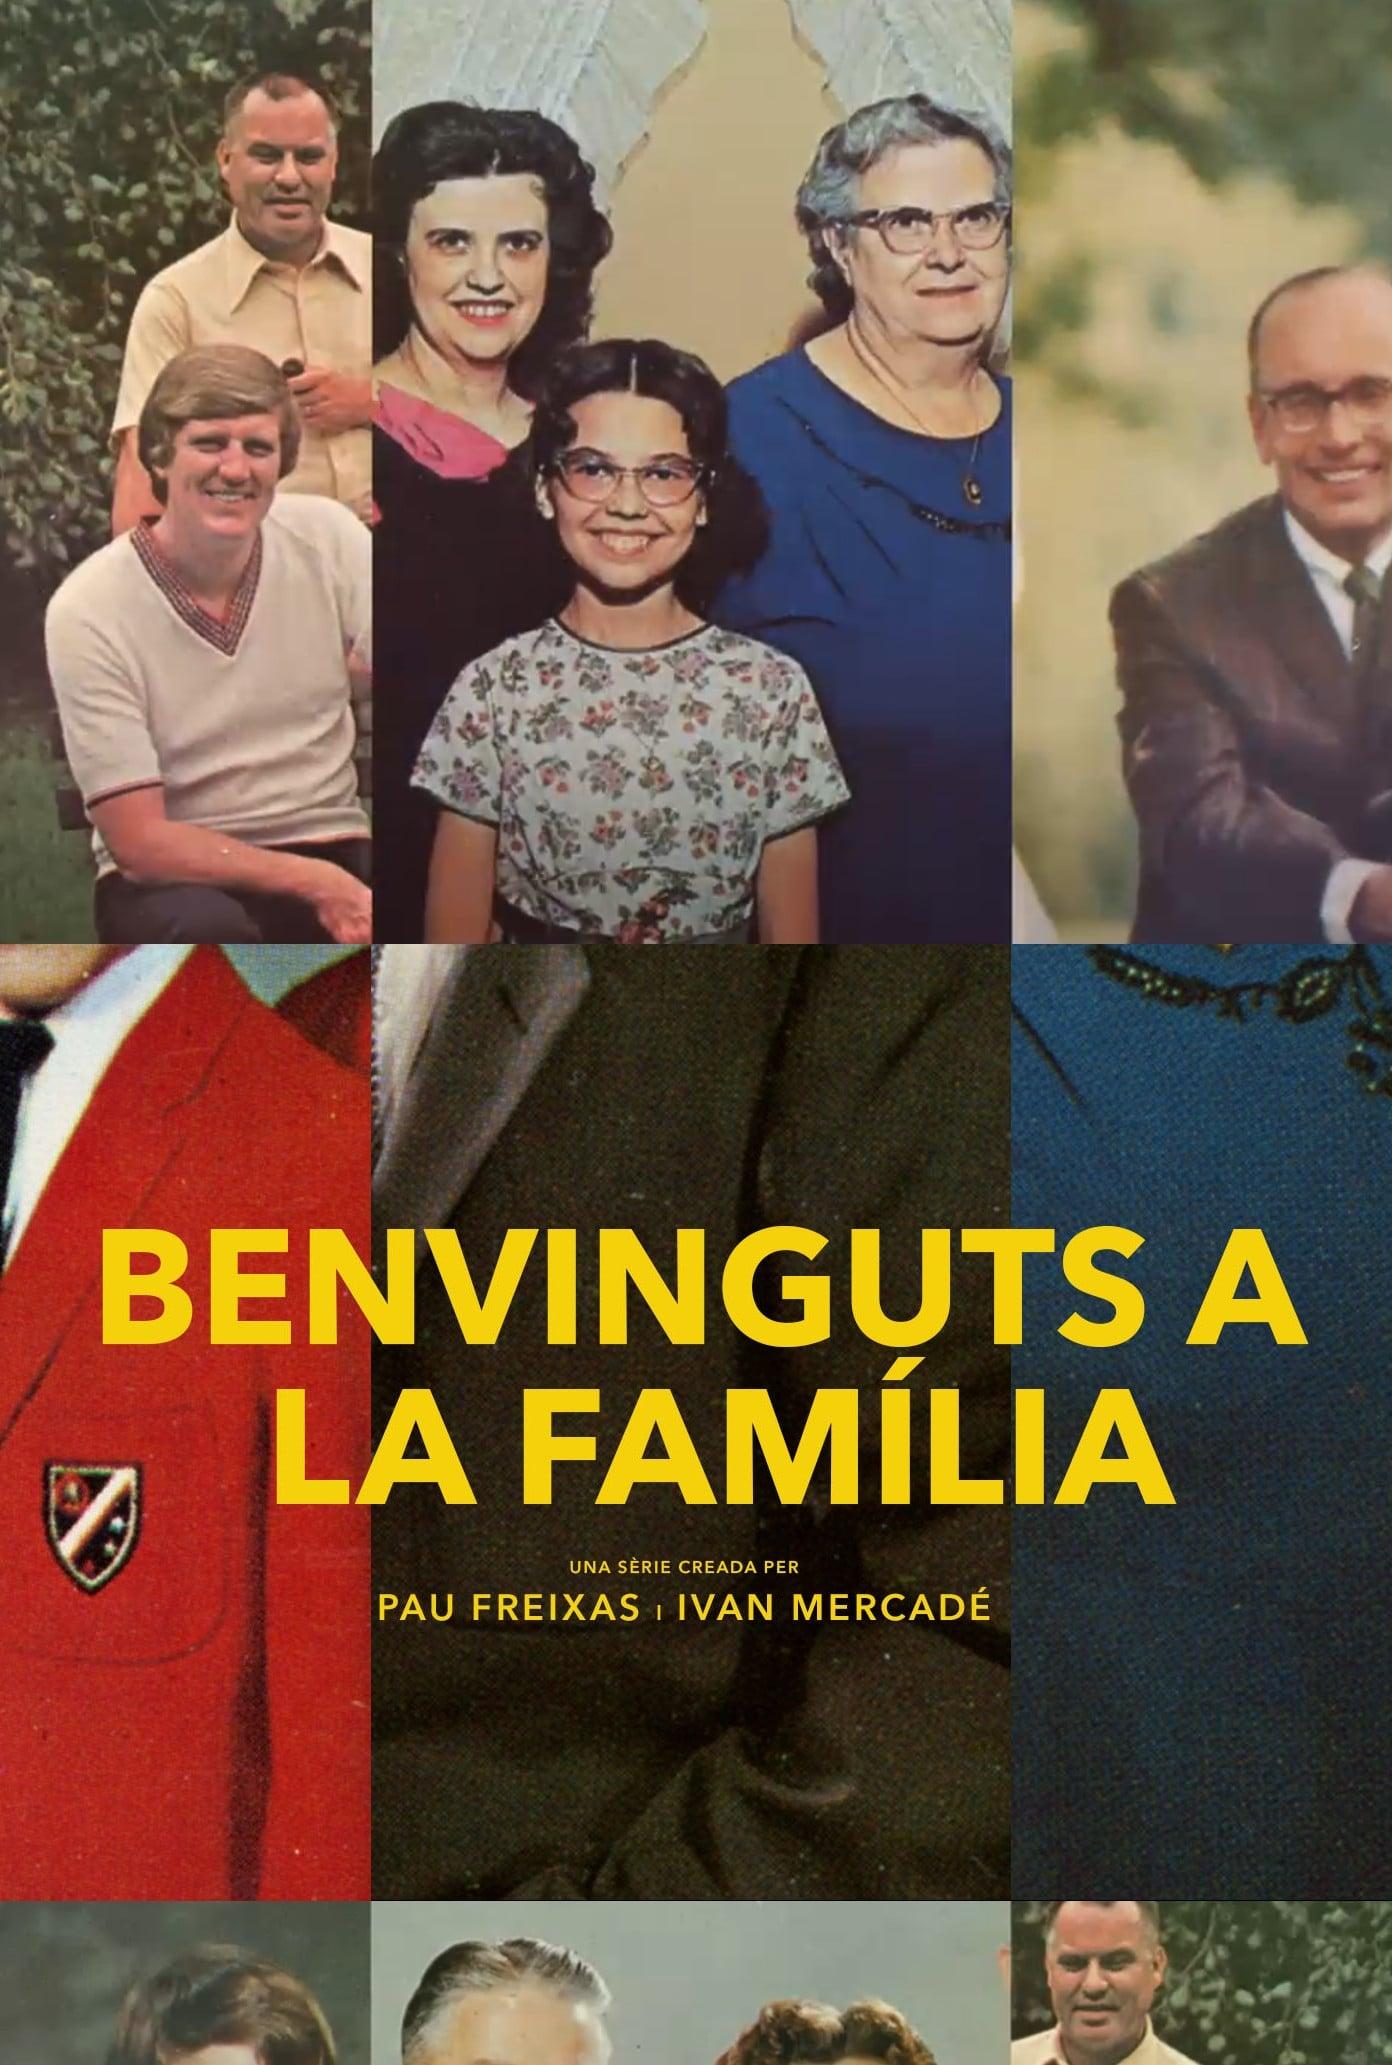 Benvinguts a la família series tv complet